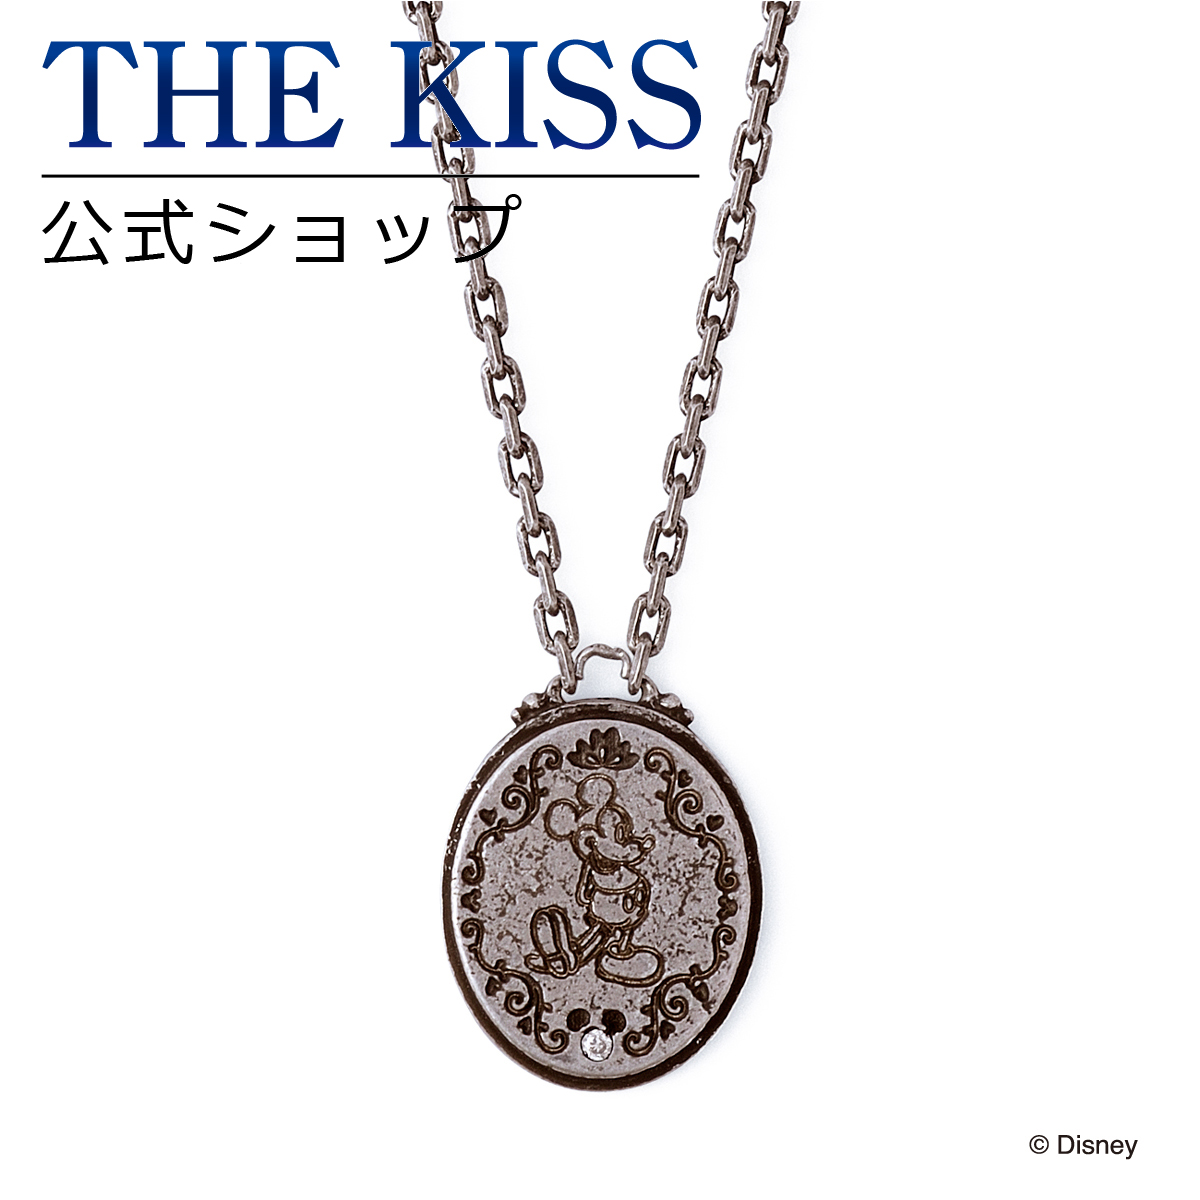 【あす楽対応】【ディズニーコレクション】 ディズニー / ネックレス / ミッキーマウス / THE KISS ペア ネックレス・ペンダント シルバー ダイヤモンド (メンズ 単品) DI-SN1216DM ザキス 【送料無料】